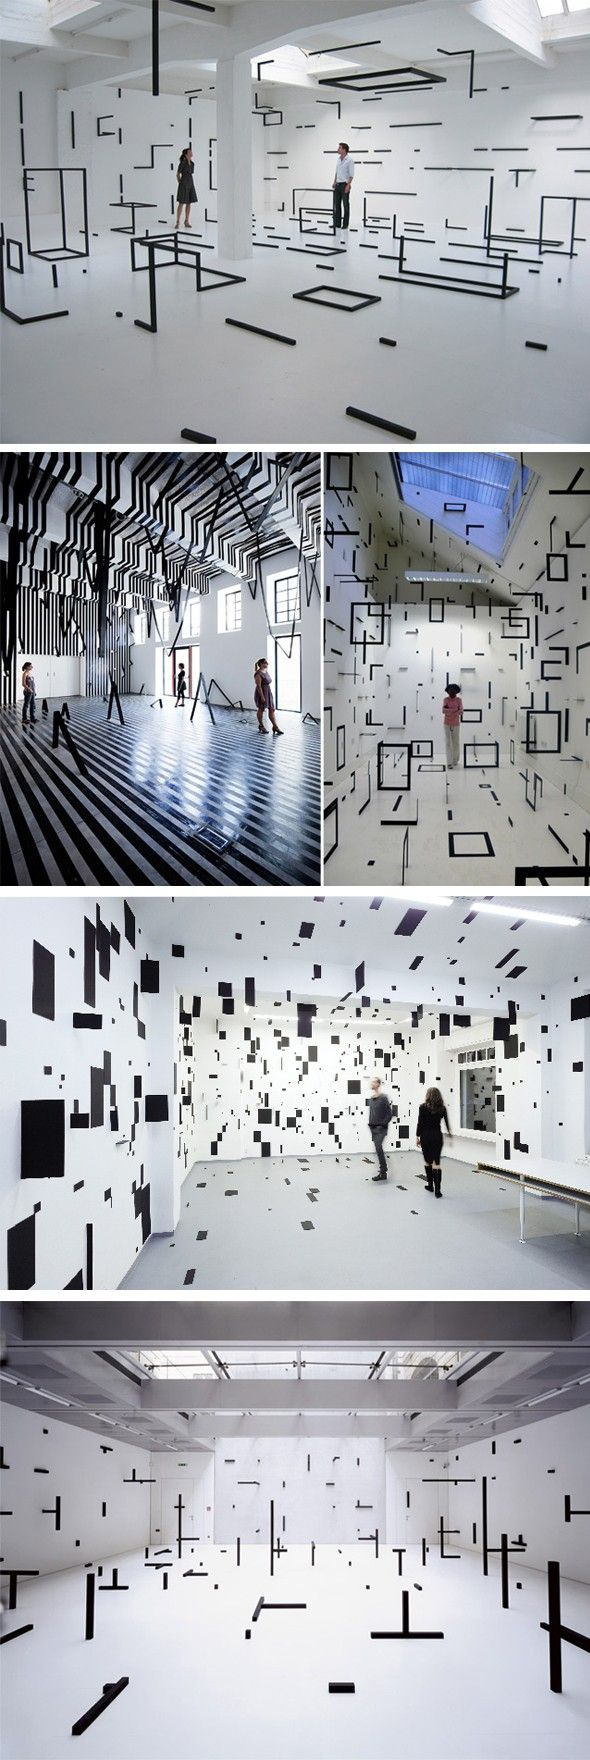 Minimalisme et noir et blanc L'artiste italienne, Esther Stocker, n'en est pas à son coup d'essai avec ses installations et peintures murales exclusivement